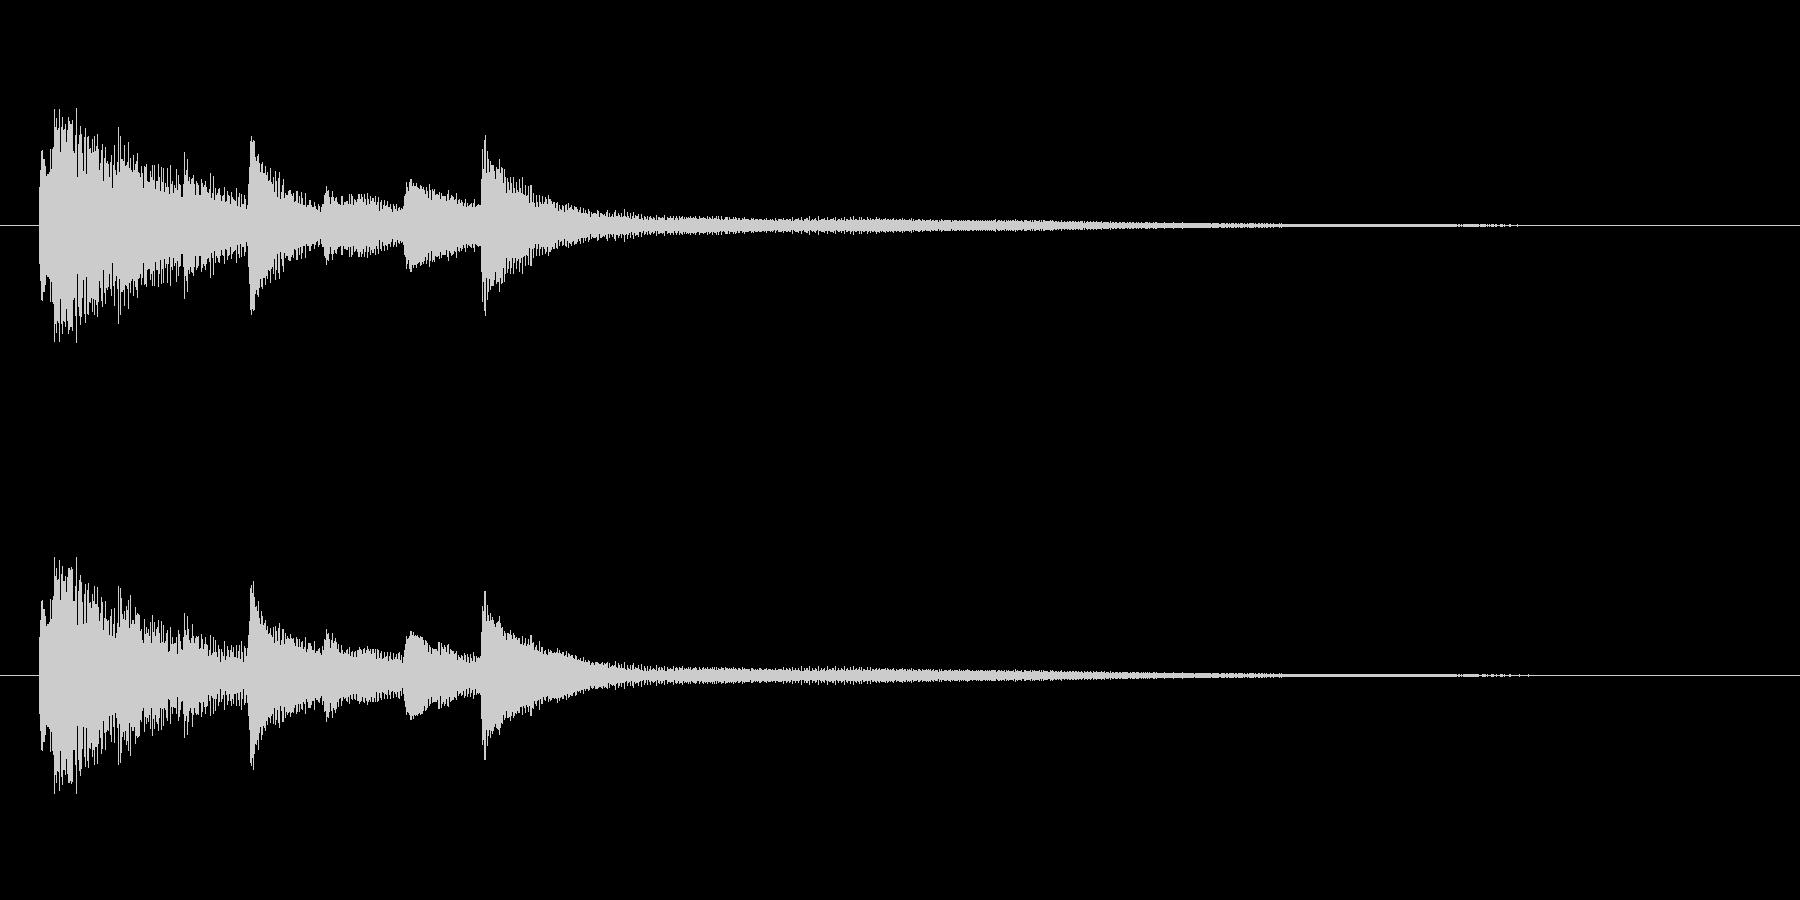 ピアノによる優しいサウンドロゴの未再生の波形